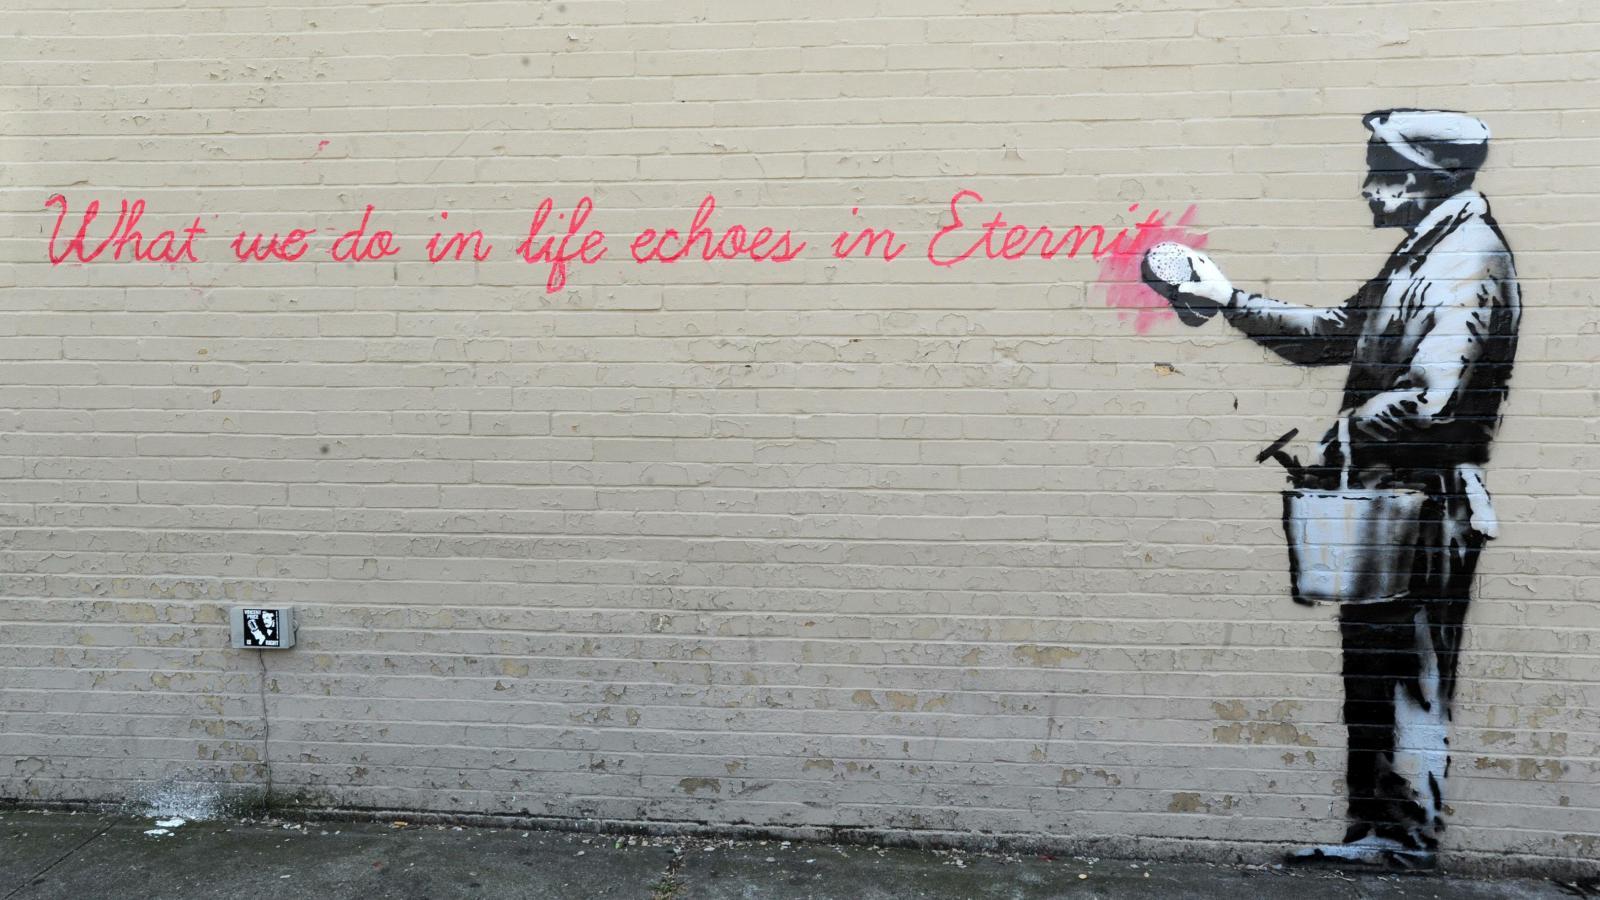 Banksyho graffiti s citací z filmu Gladiátor